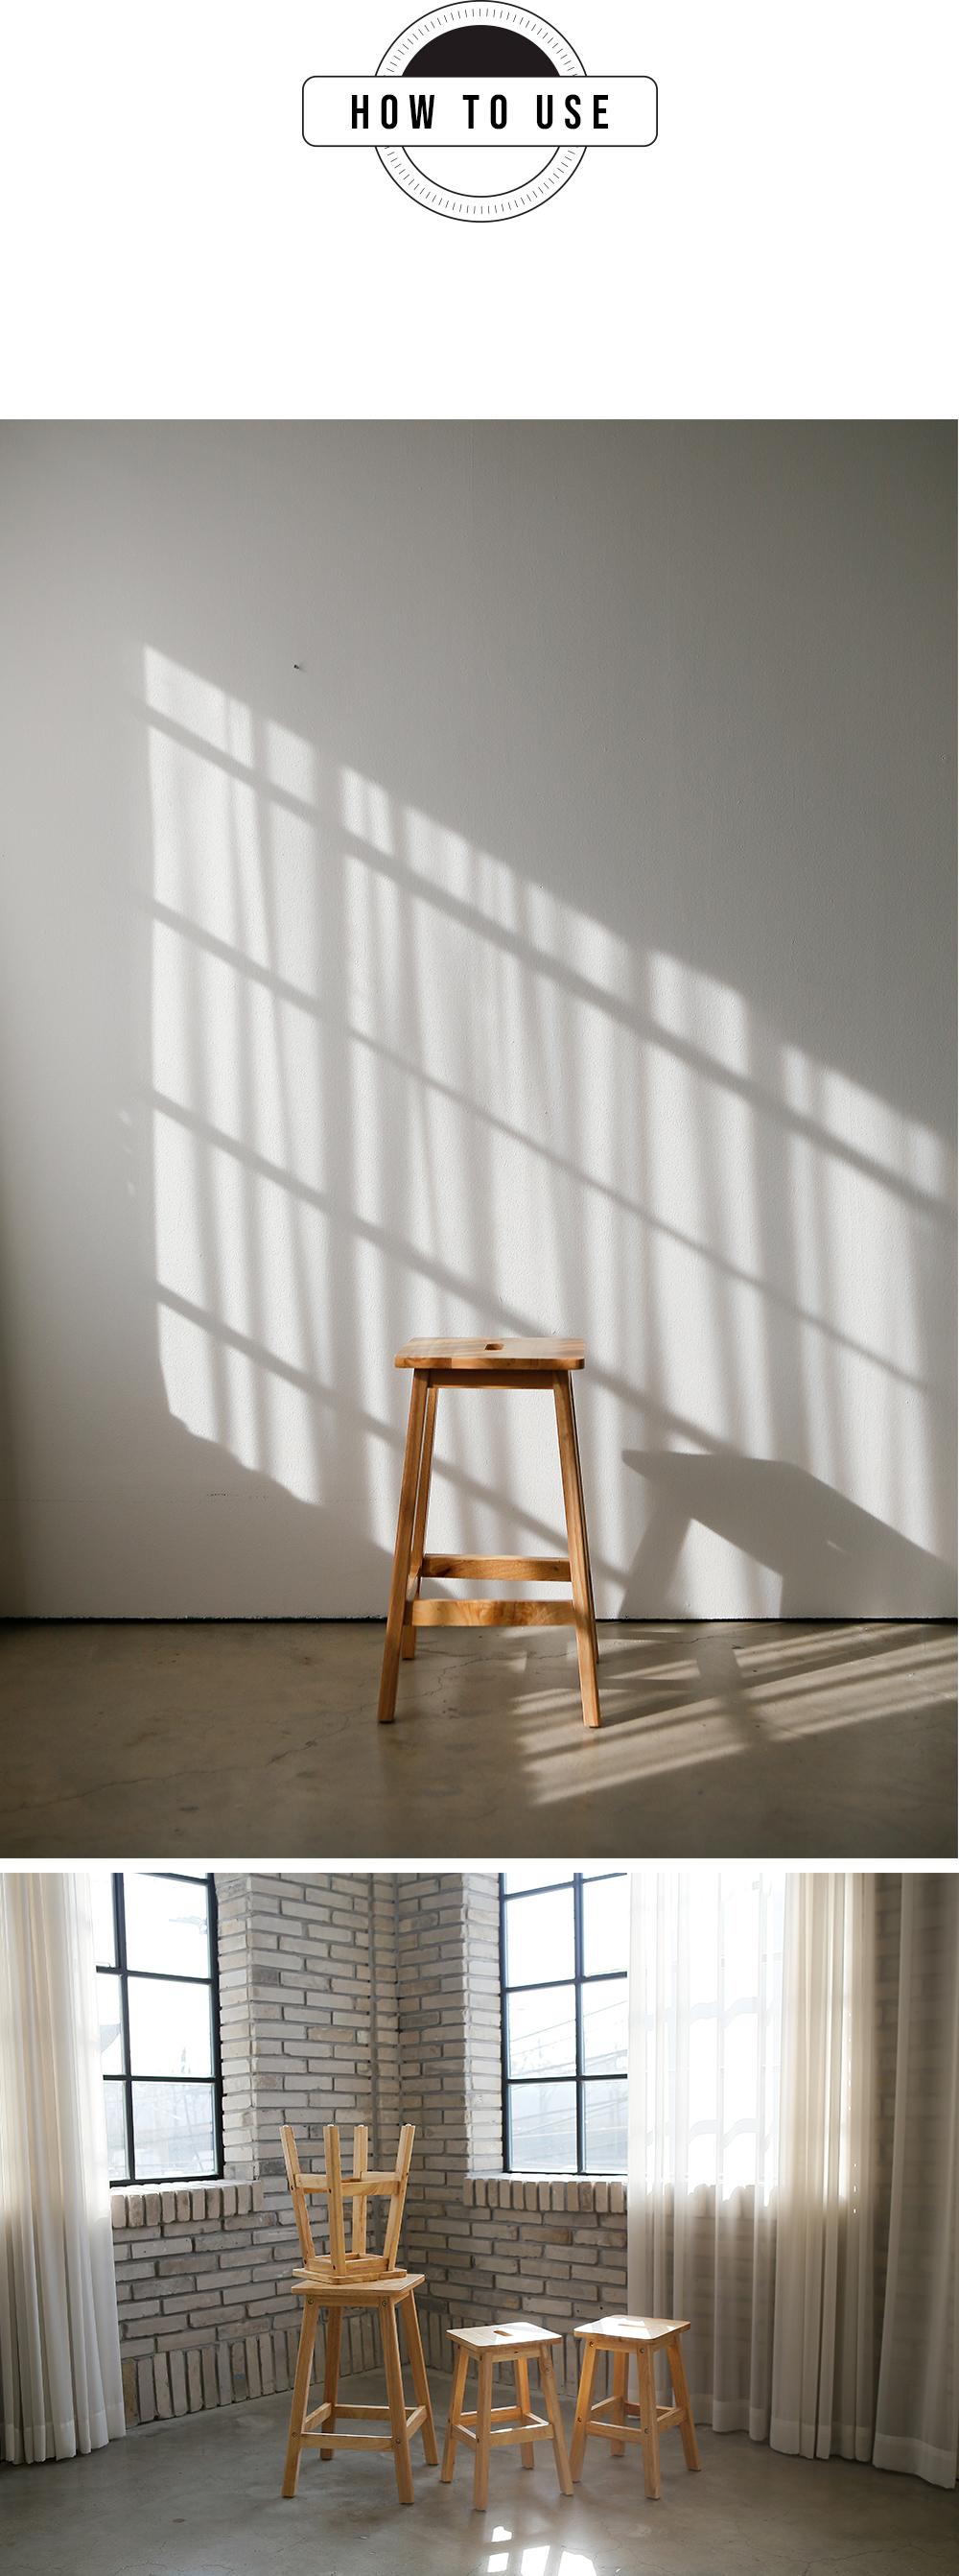 리빙숲 원목 사각스툴, 대 - 리빙숲, 28,900원, DIY 책상/의자, DIY 의자/스툴